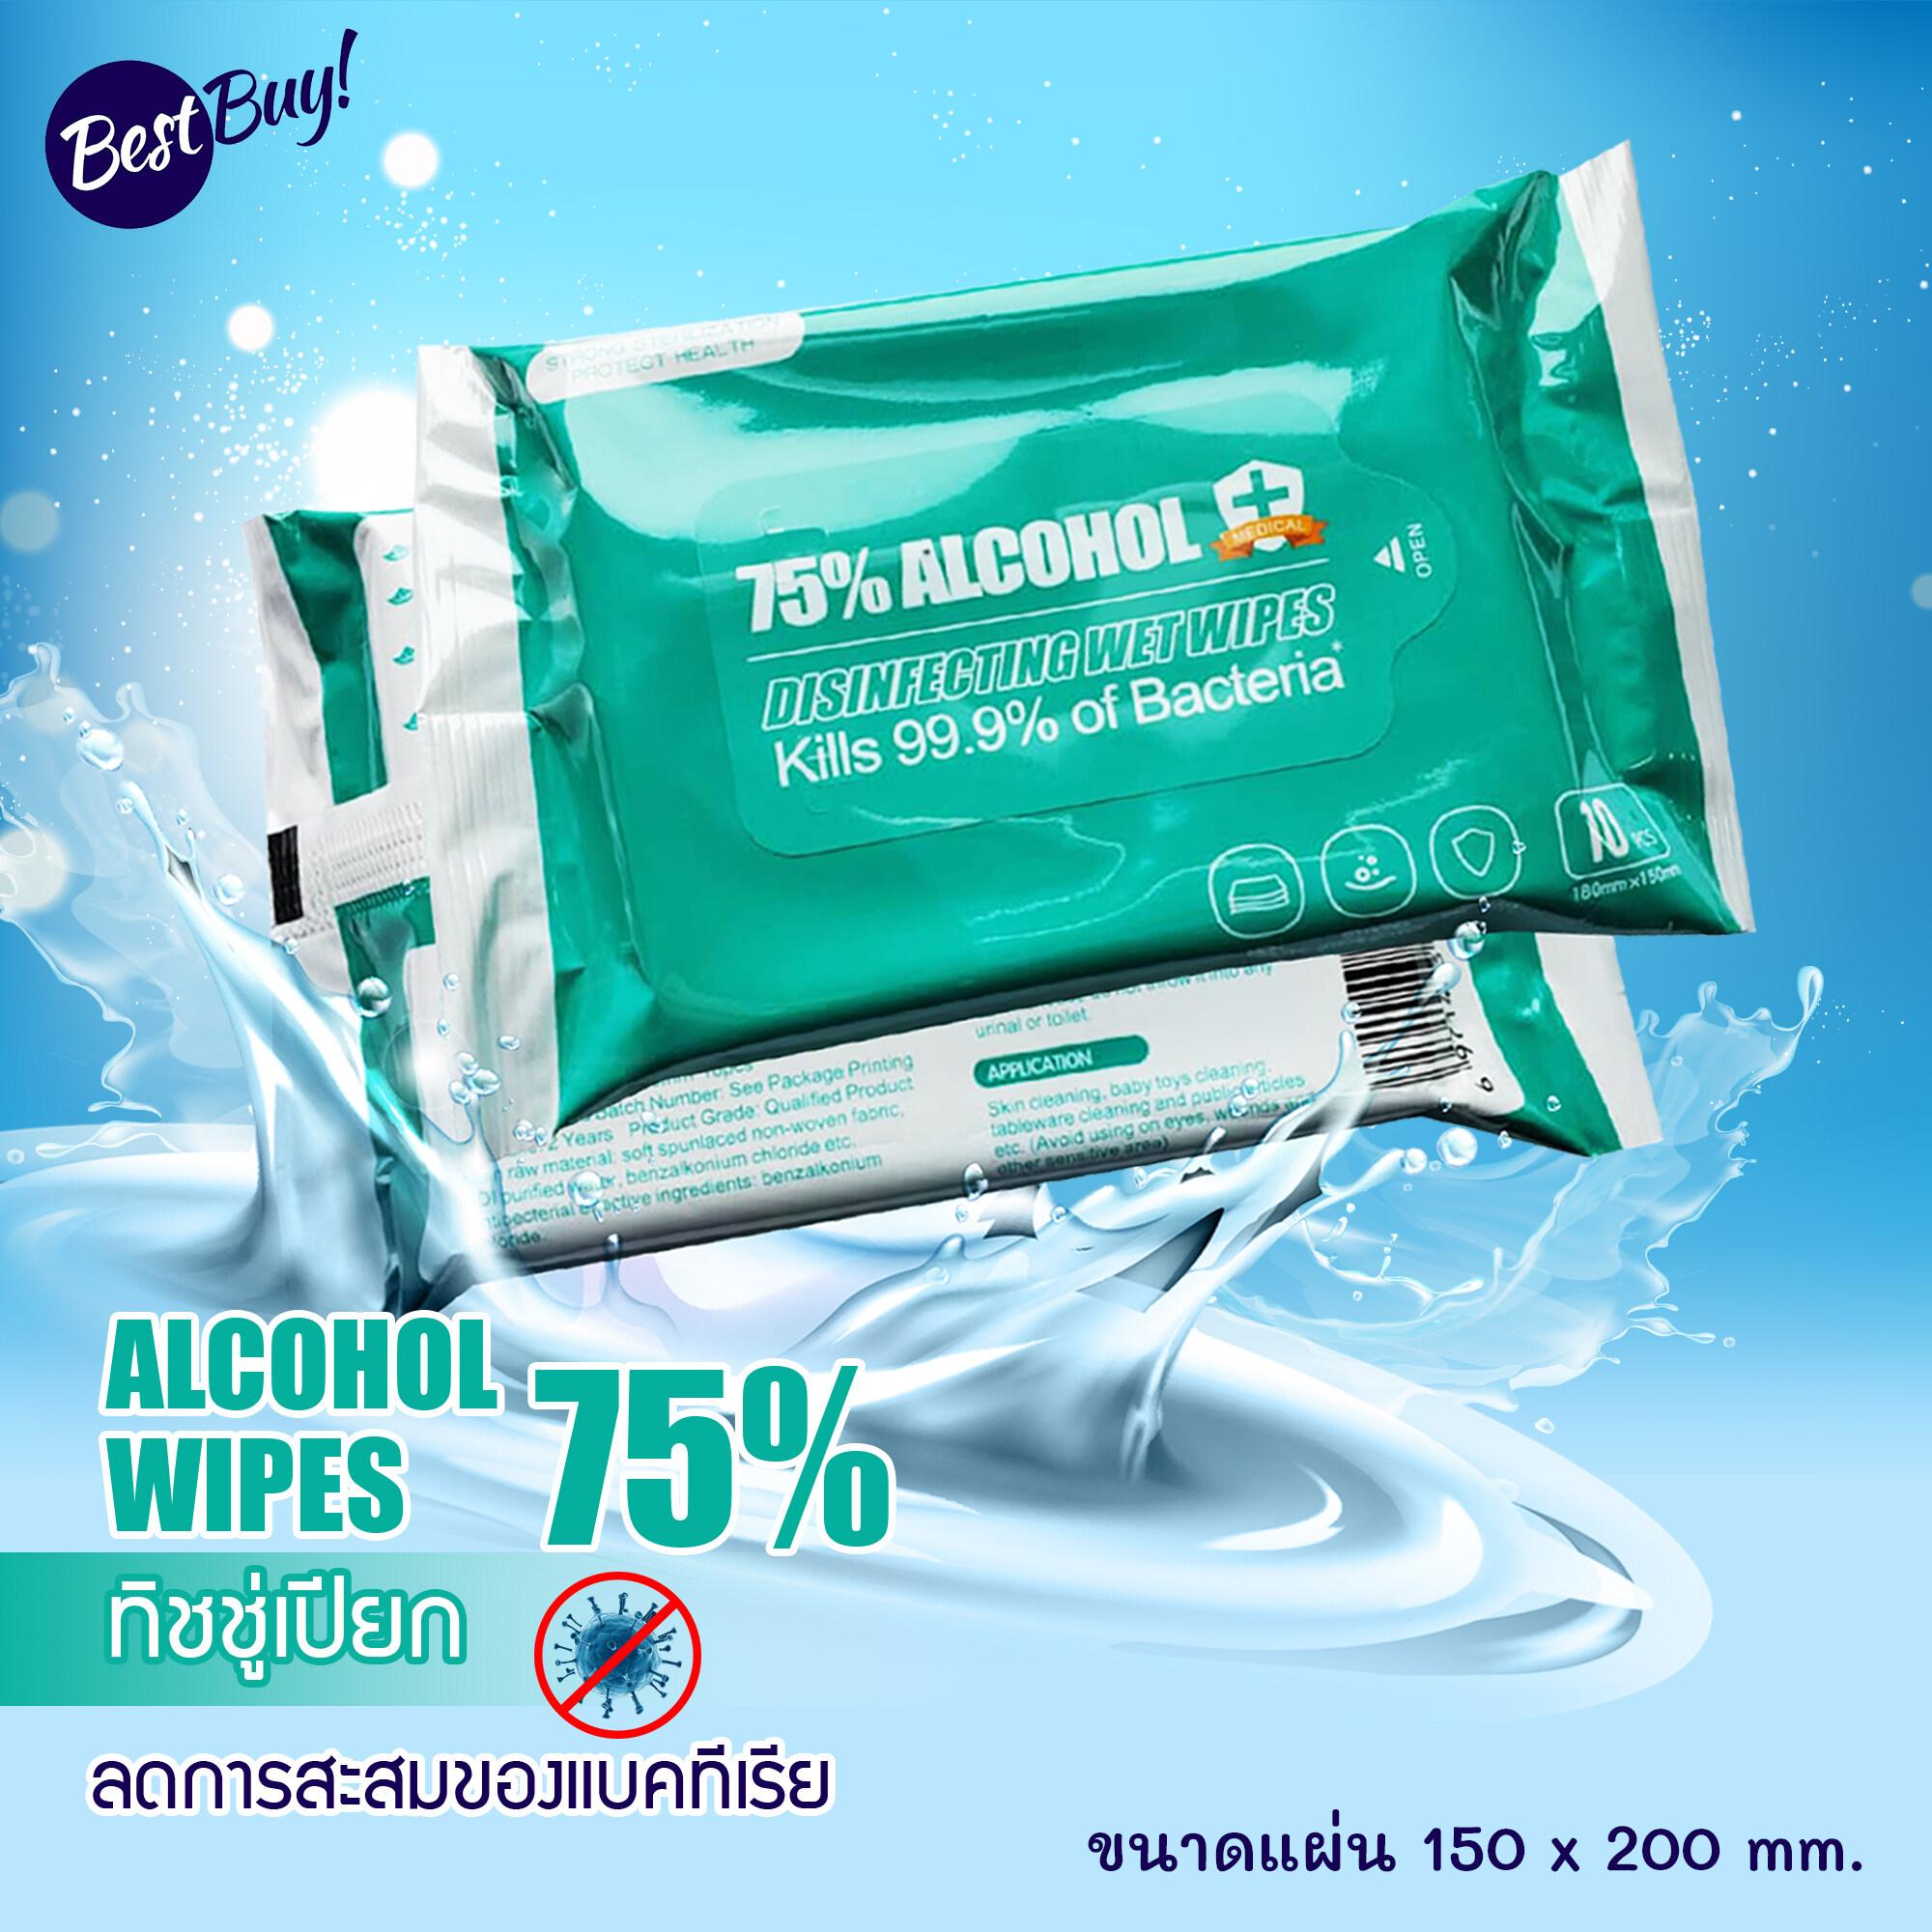 ราคา ทิชชู่เปียก มีแอลกอฮอล์ ป้องกันและลดการสะสมของแบคทีเรีย 99.99% มี Alcohol 75% ( 1 ห่อ 10 ชิ้น ) ยกลัง 200 ห่อ